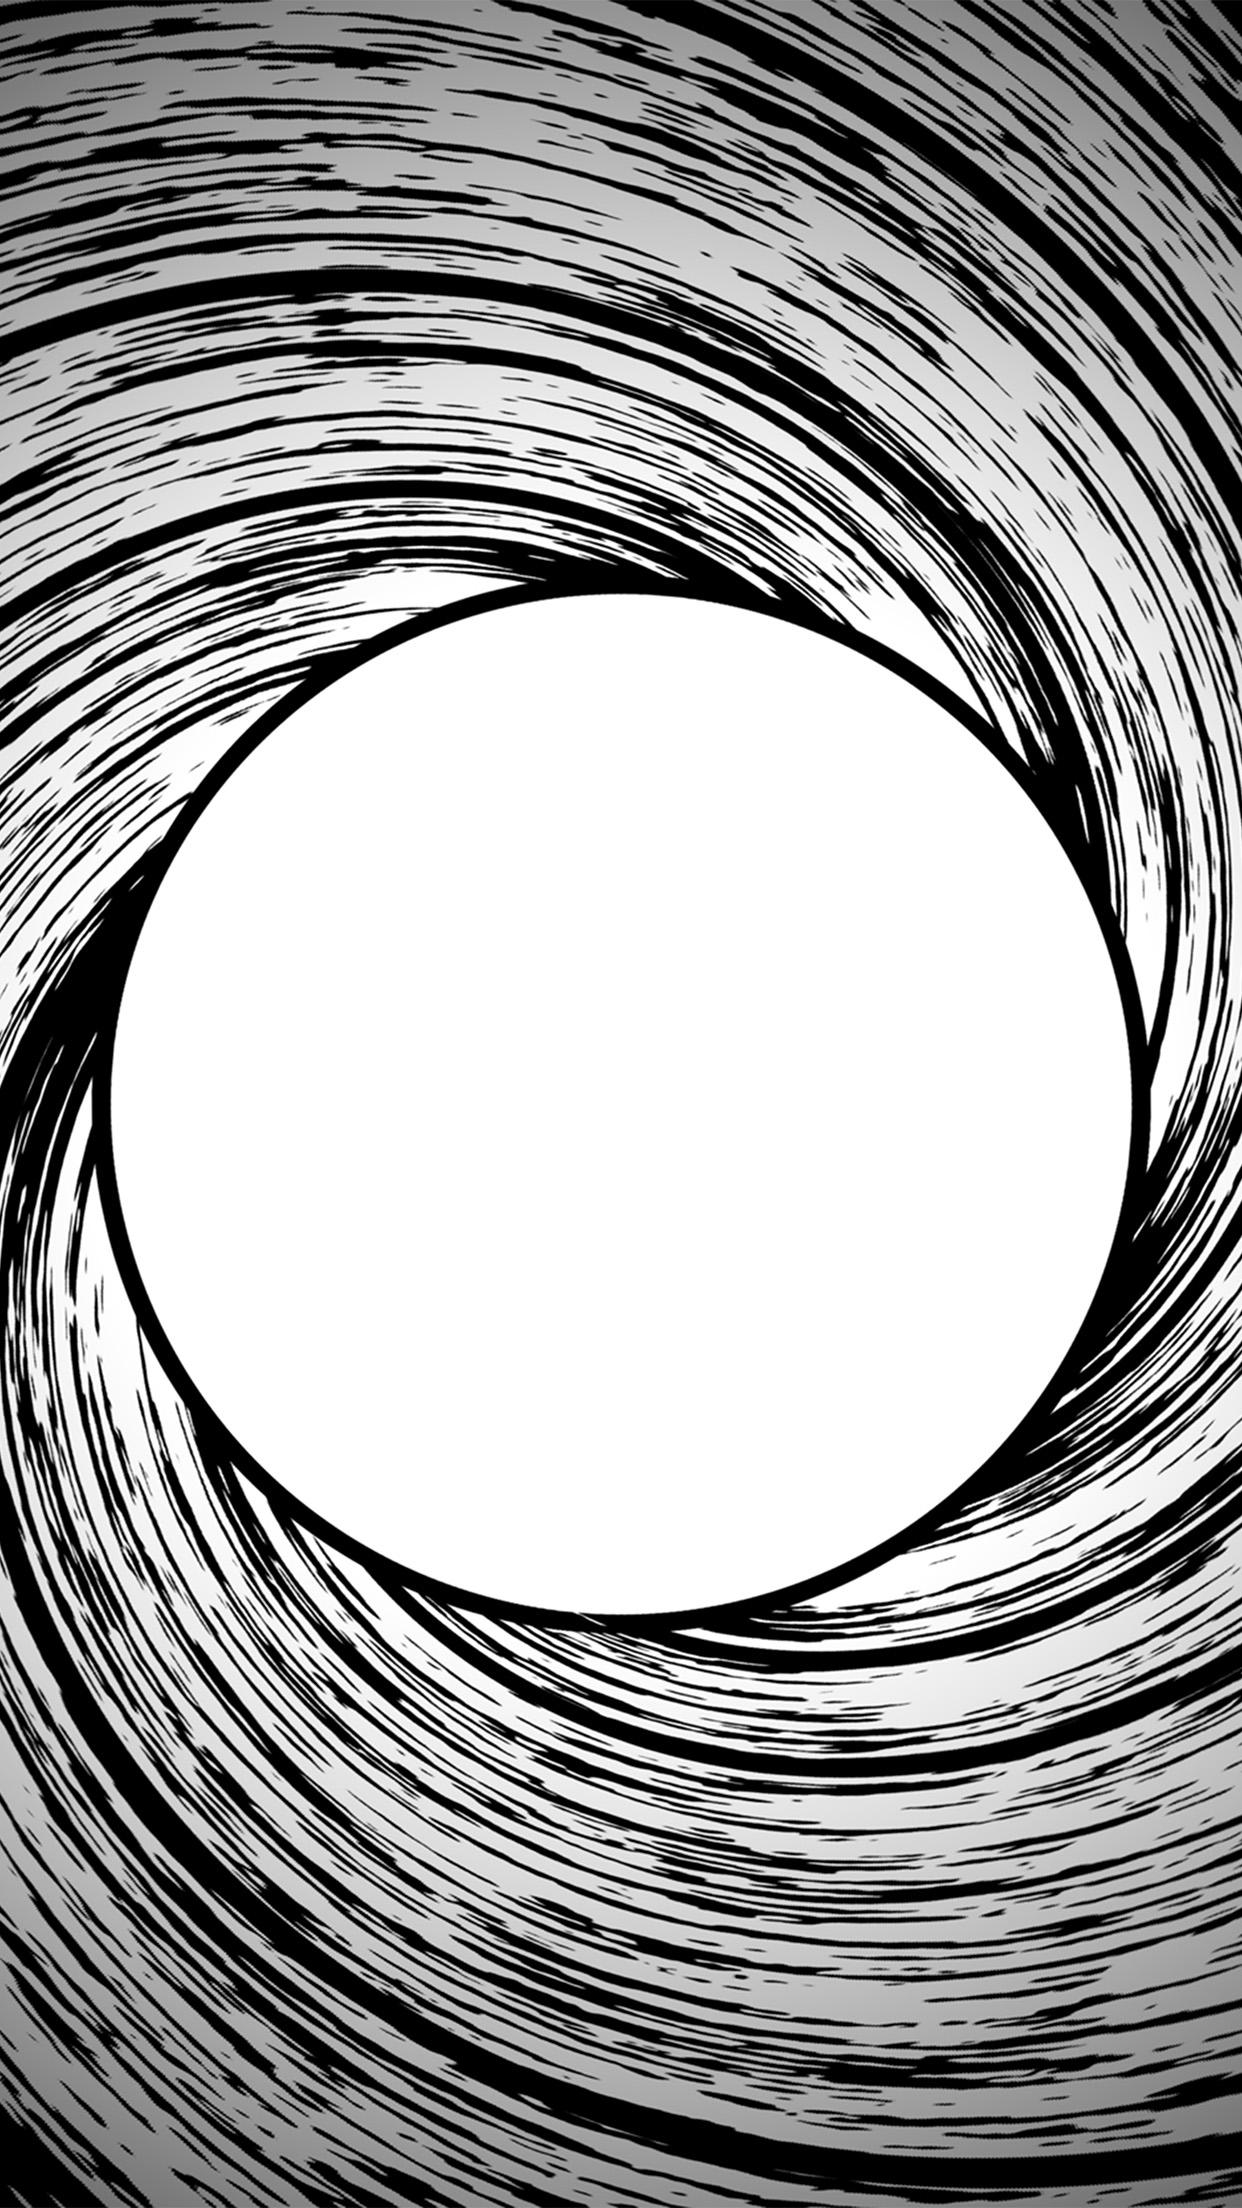 vm95-james-bond-circle-bw-pattern-wallpaper